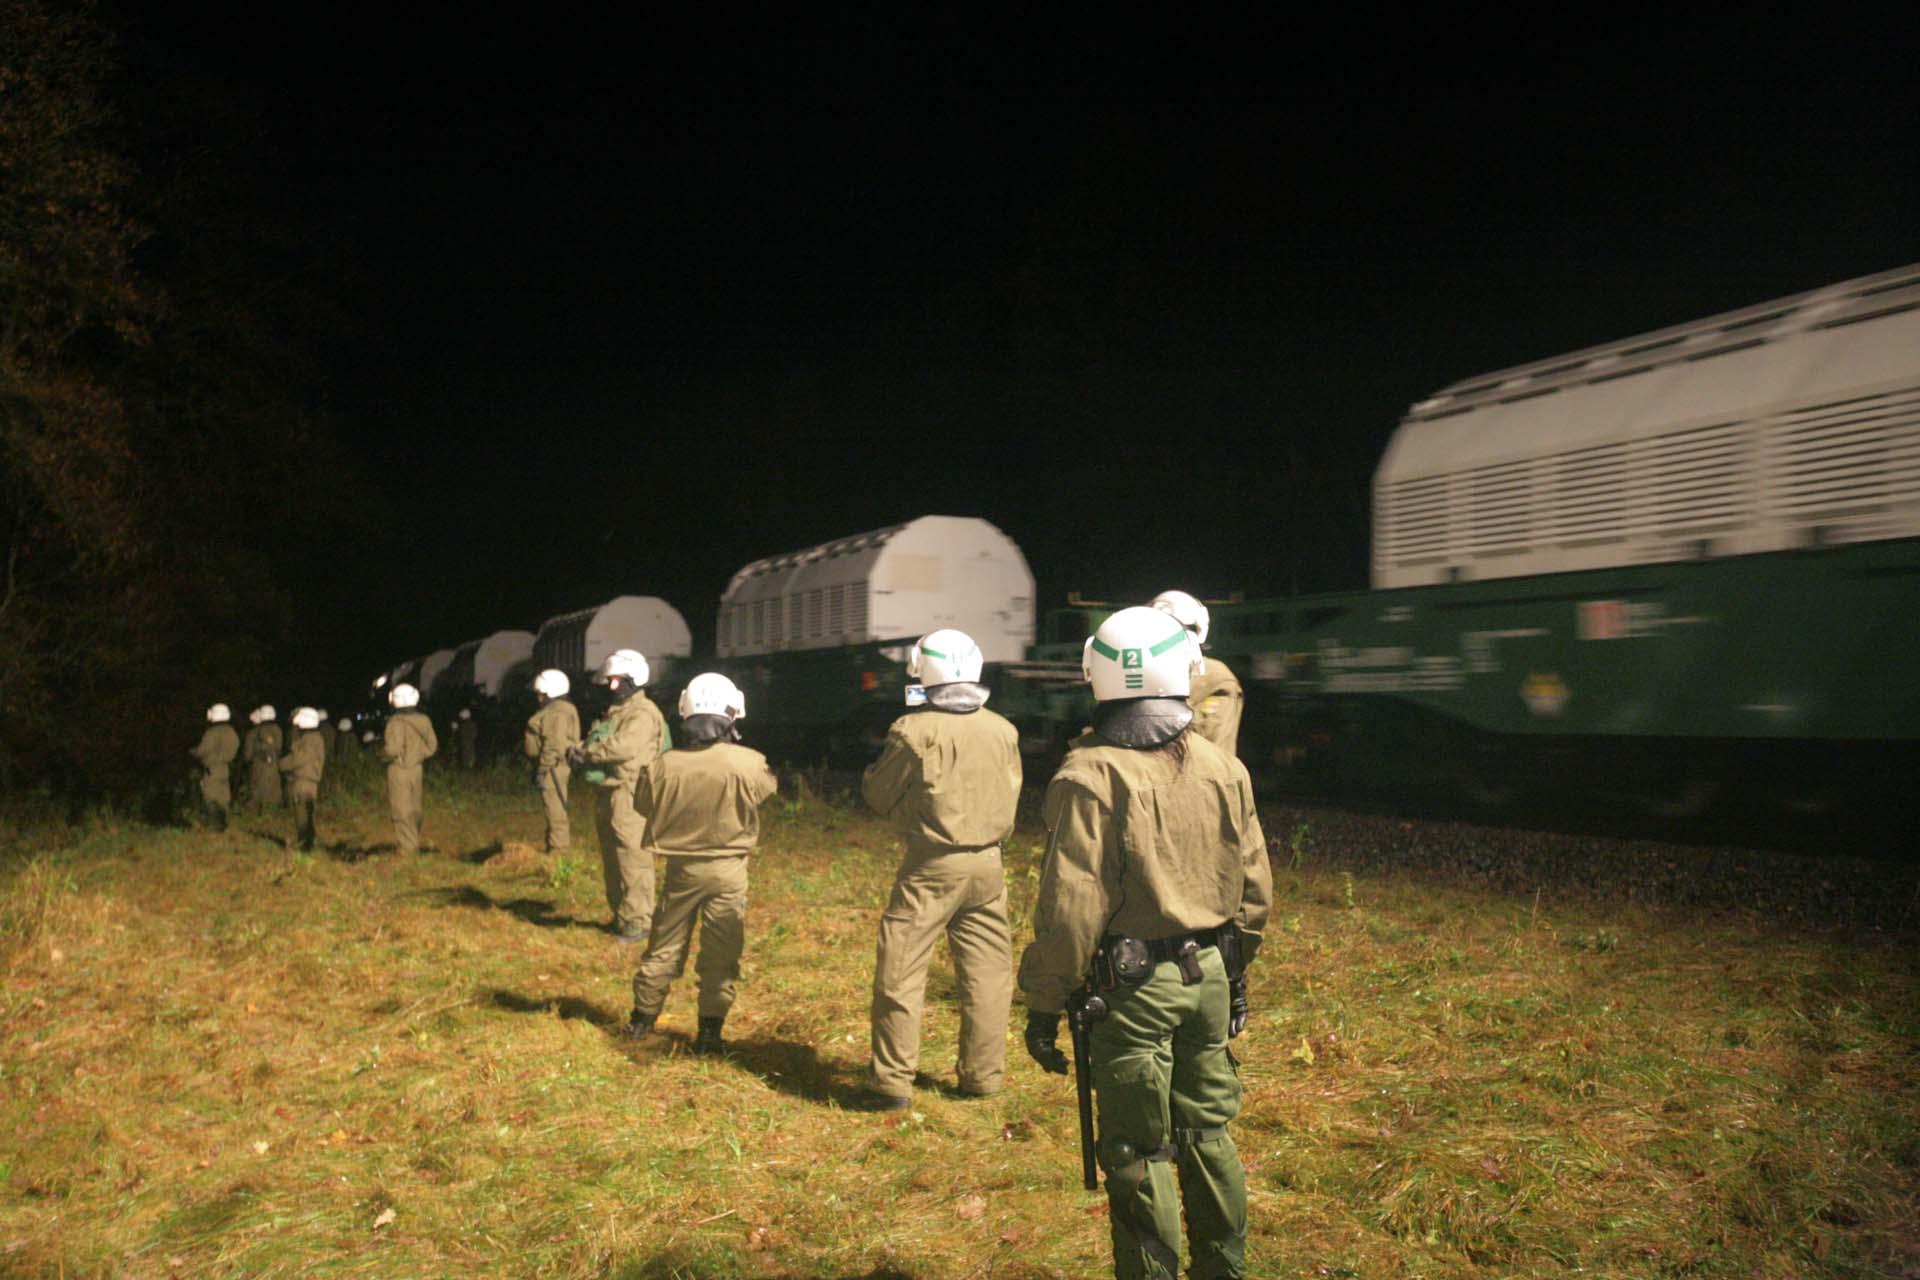 Ein riesiges Aufgebot der Polizei sichert fast lückenlos die gesamte Bahnstrecke und den durchfahrenden Castor Transport.